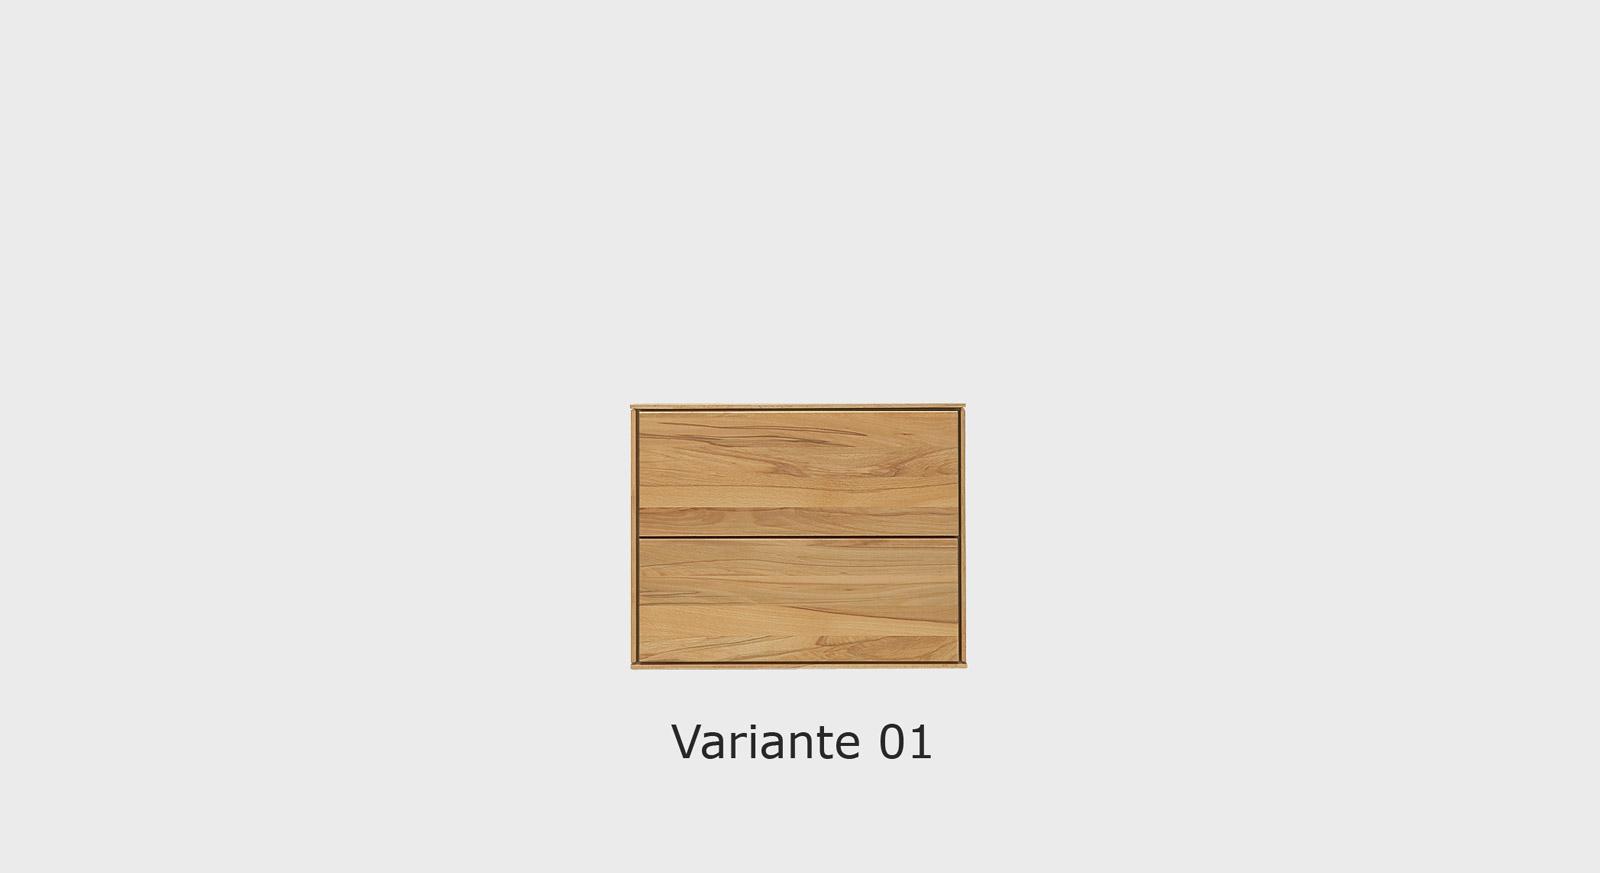 Massivholz-Kommode Aquila in der Variante 01